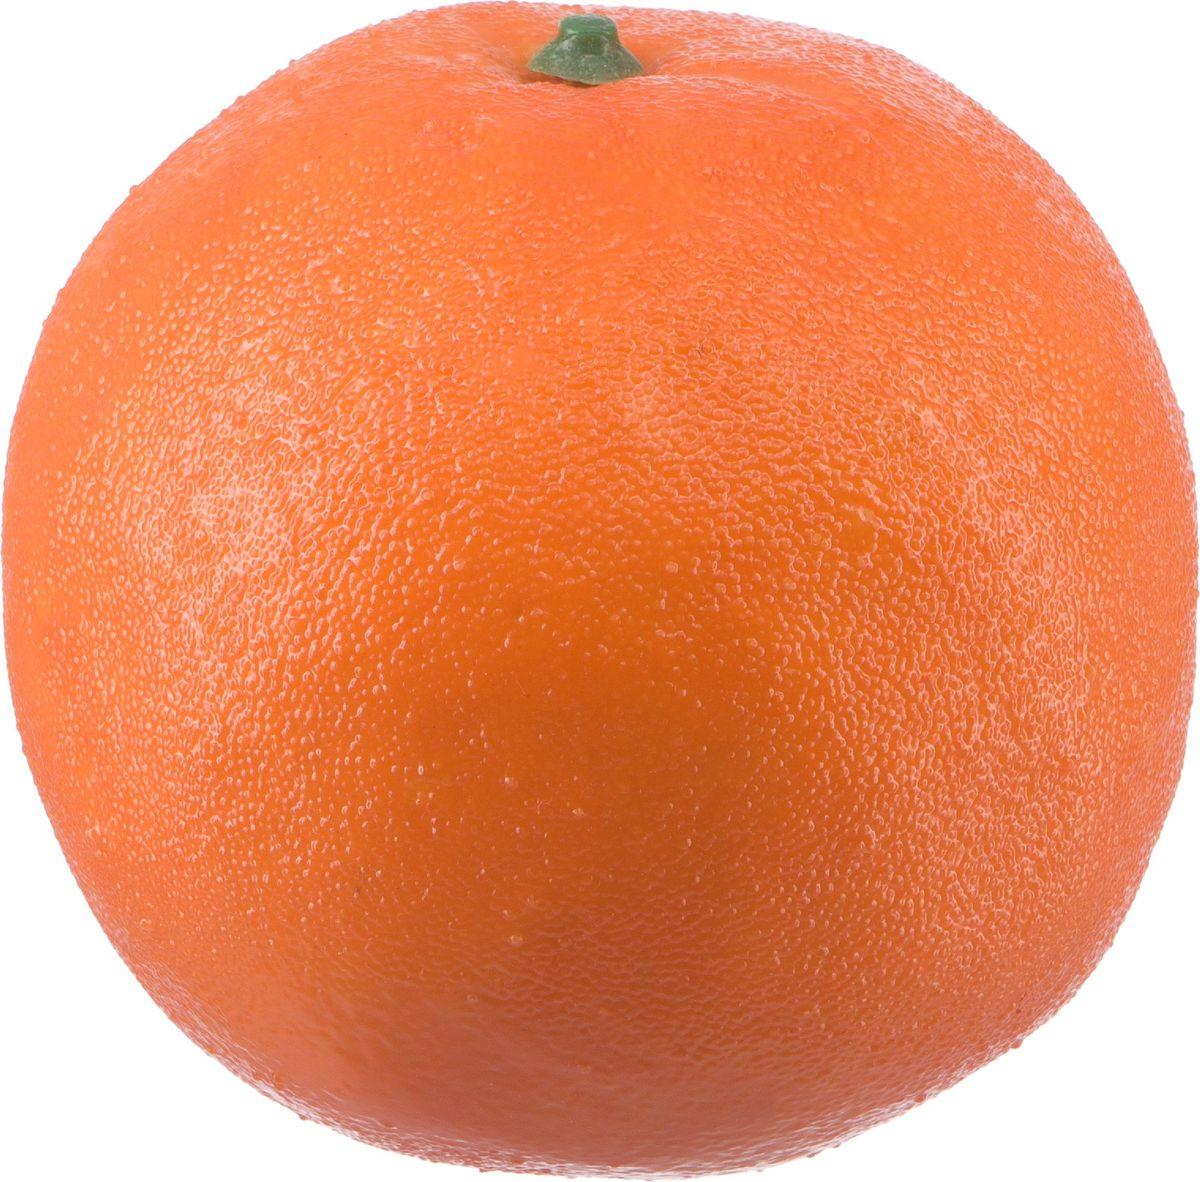 Искусственный фрукт - это идеальный способ украсить кухню или способ придать яркости интерьеру. Фрукт выглядит реалистично, сочно и ярко. Благодаря высокому качеству фрукт не потускнеет со временем. Изделие выполнено из пенопласта.